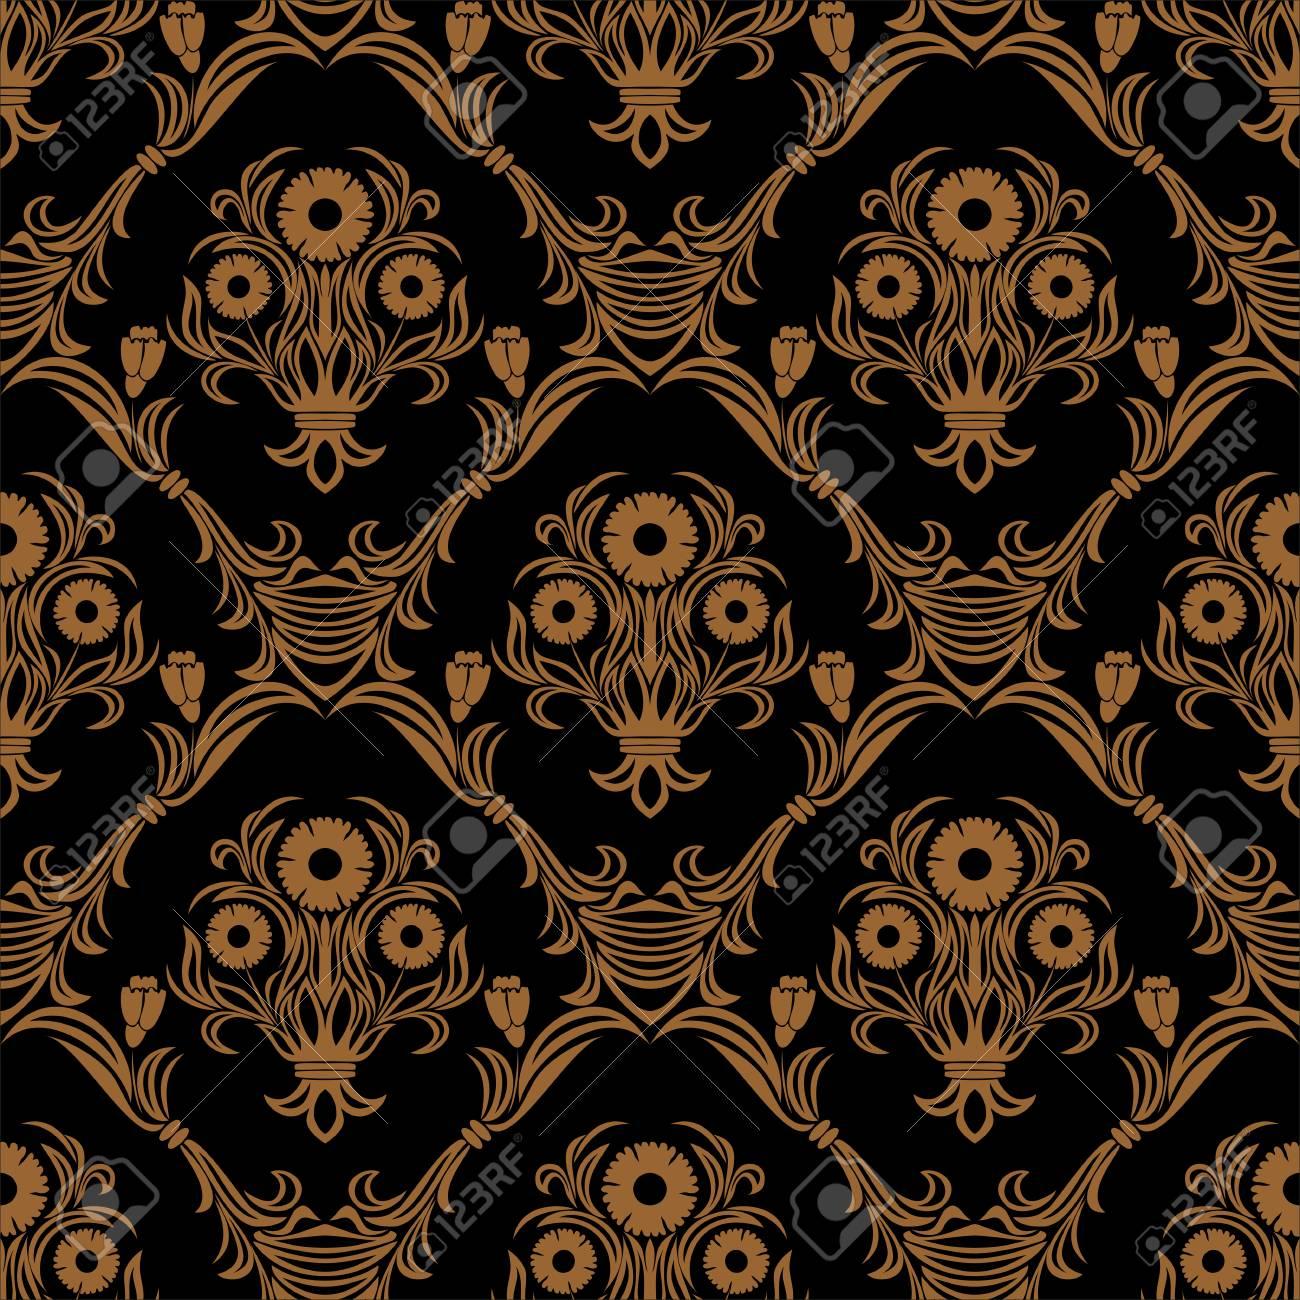 Seamless ornate damask flower Wallpaper for design. - 97511654